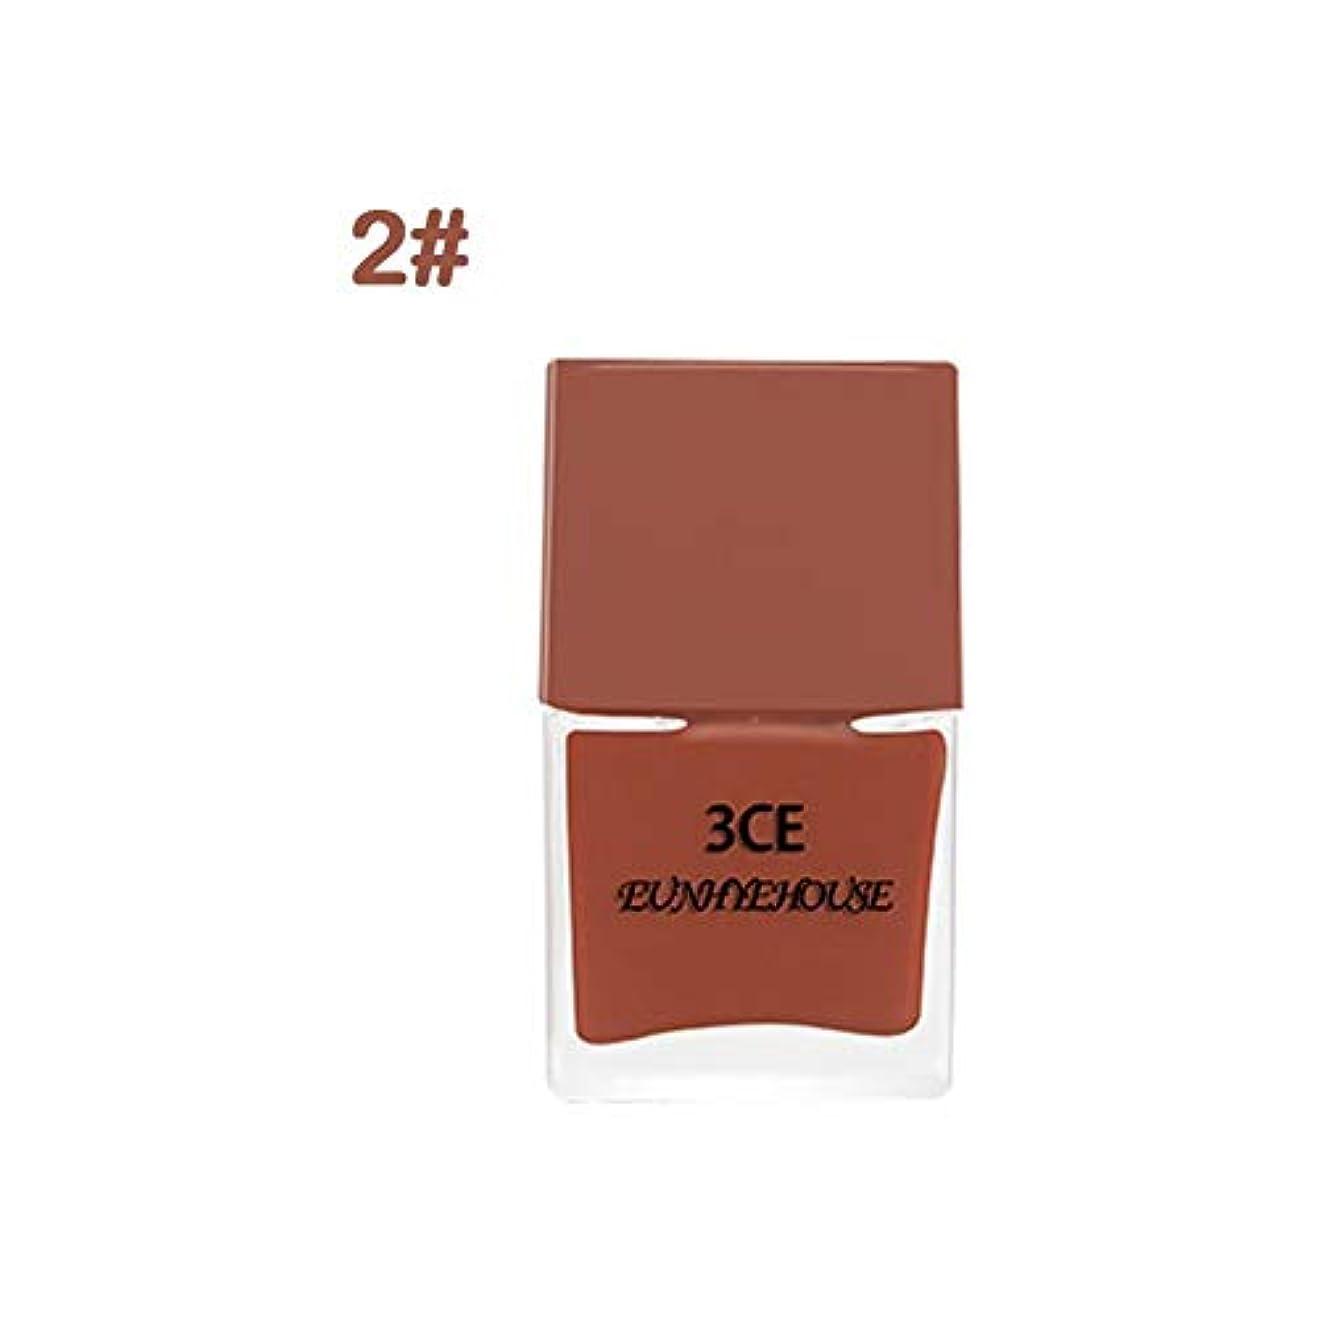 メロンのヒープ支援する高品質 8色選べる ネイルポリッシュ ネイルカラー レッド パンプキンカラー 秋色 ネイルデコレーション ネイルジェル マニキュア 人気ネイル用品 junexi